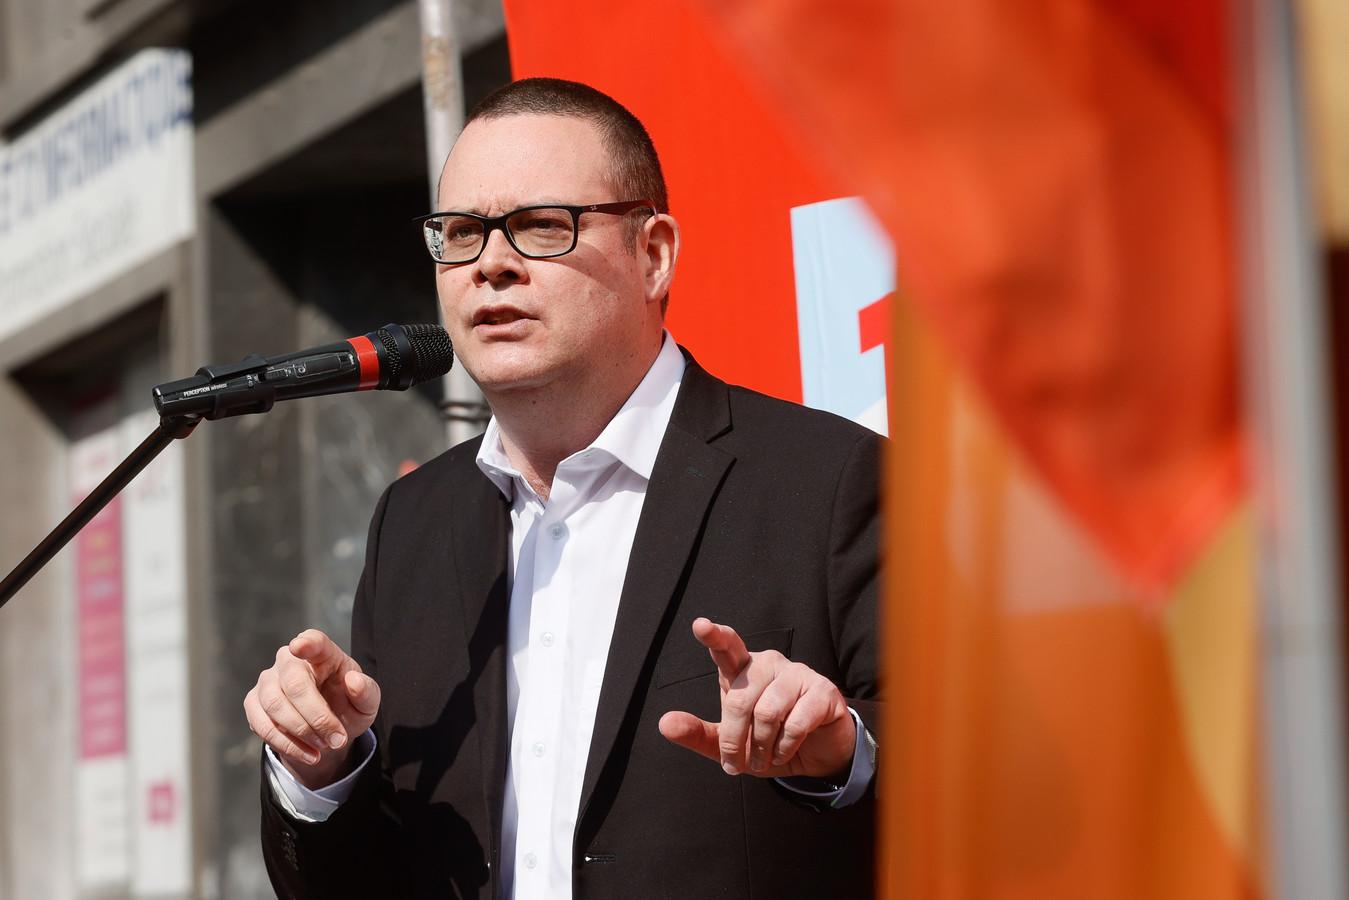 Raoul Hedebouw lors du discours du PTB le 1er mai.